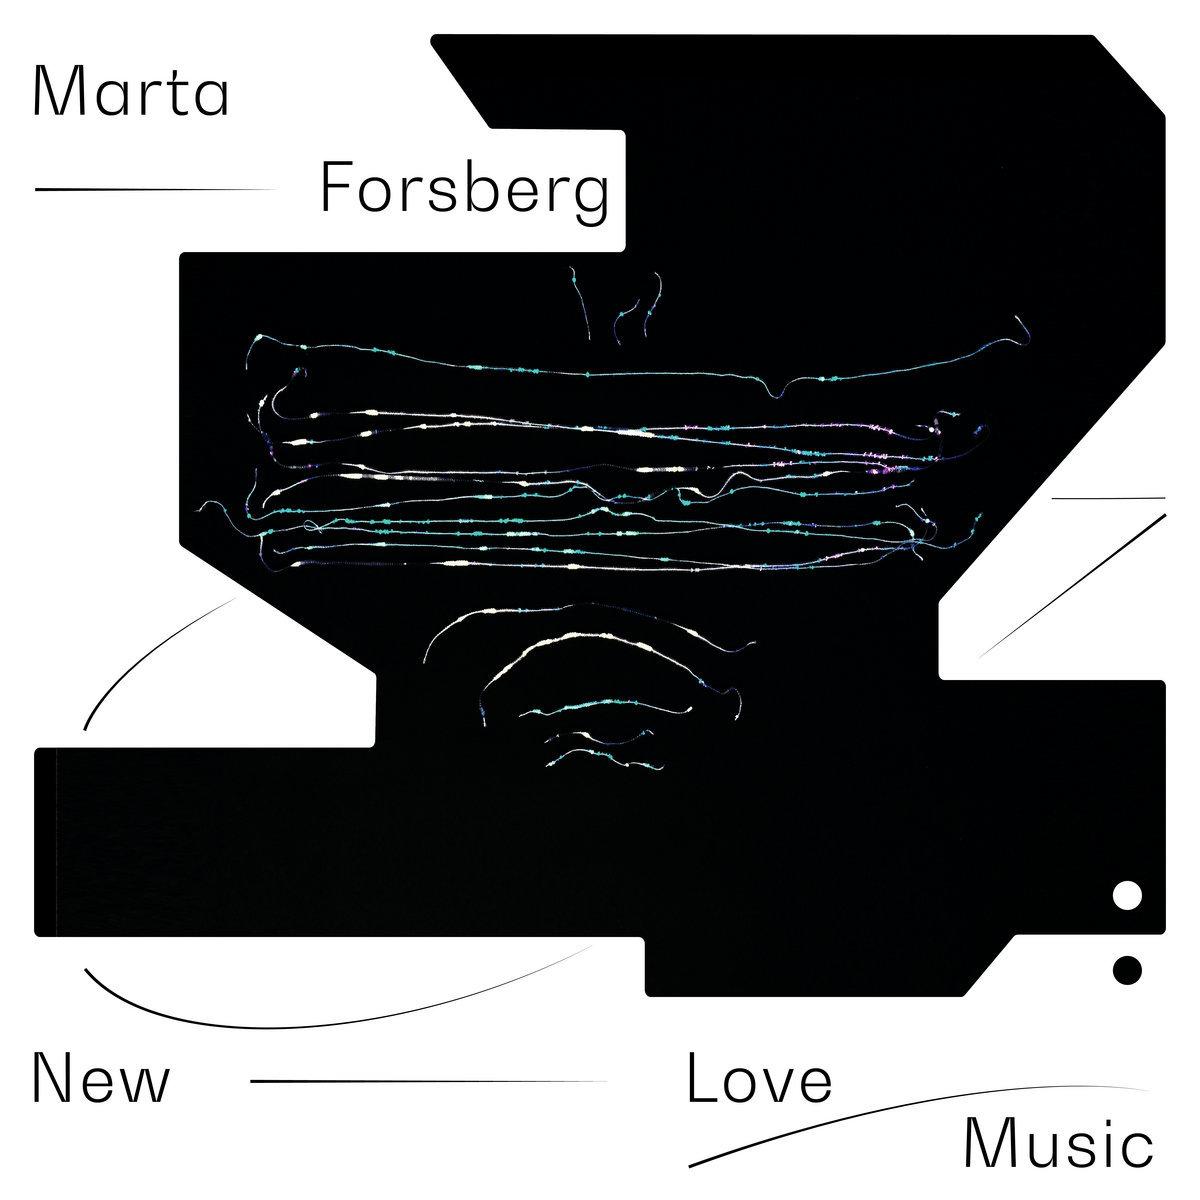 New Love Music